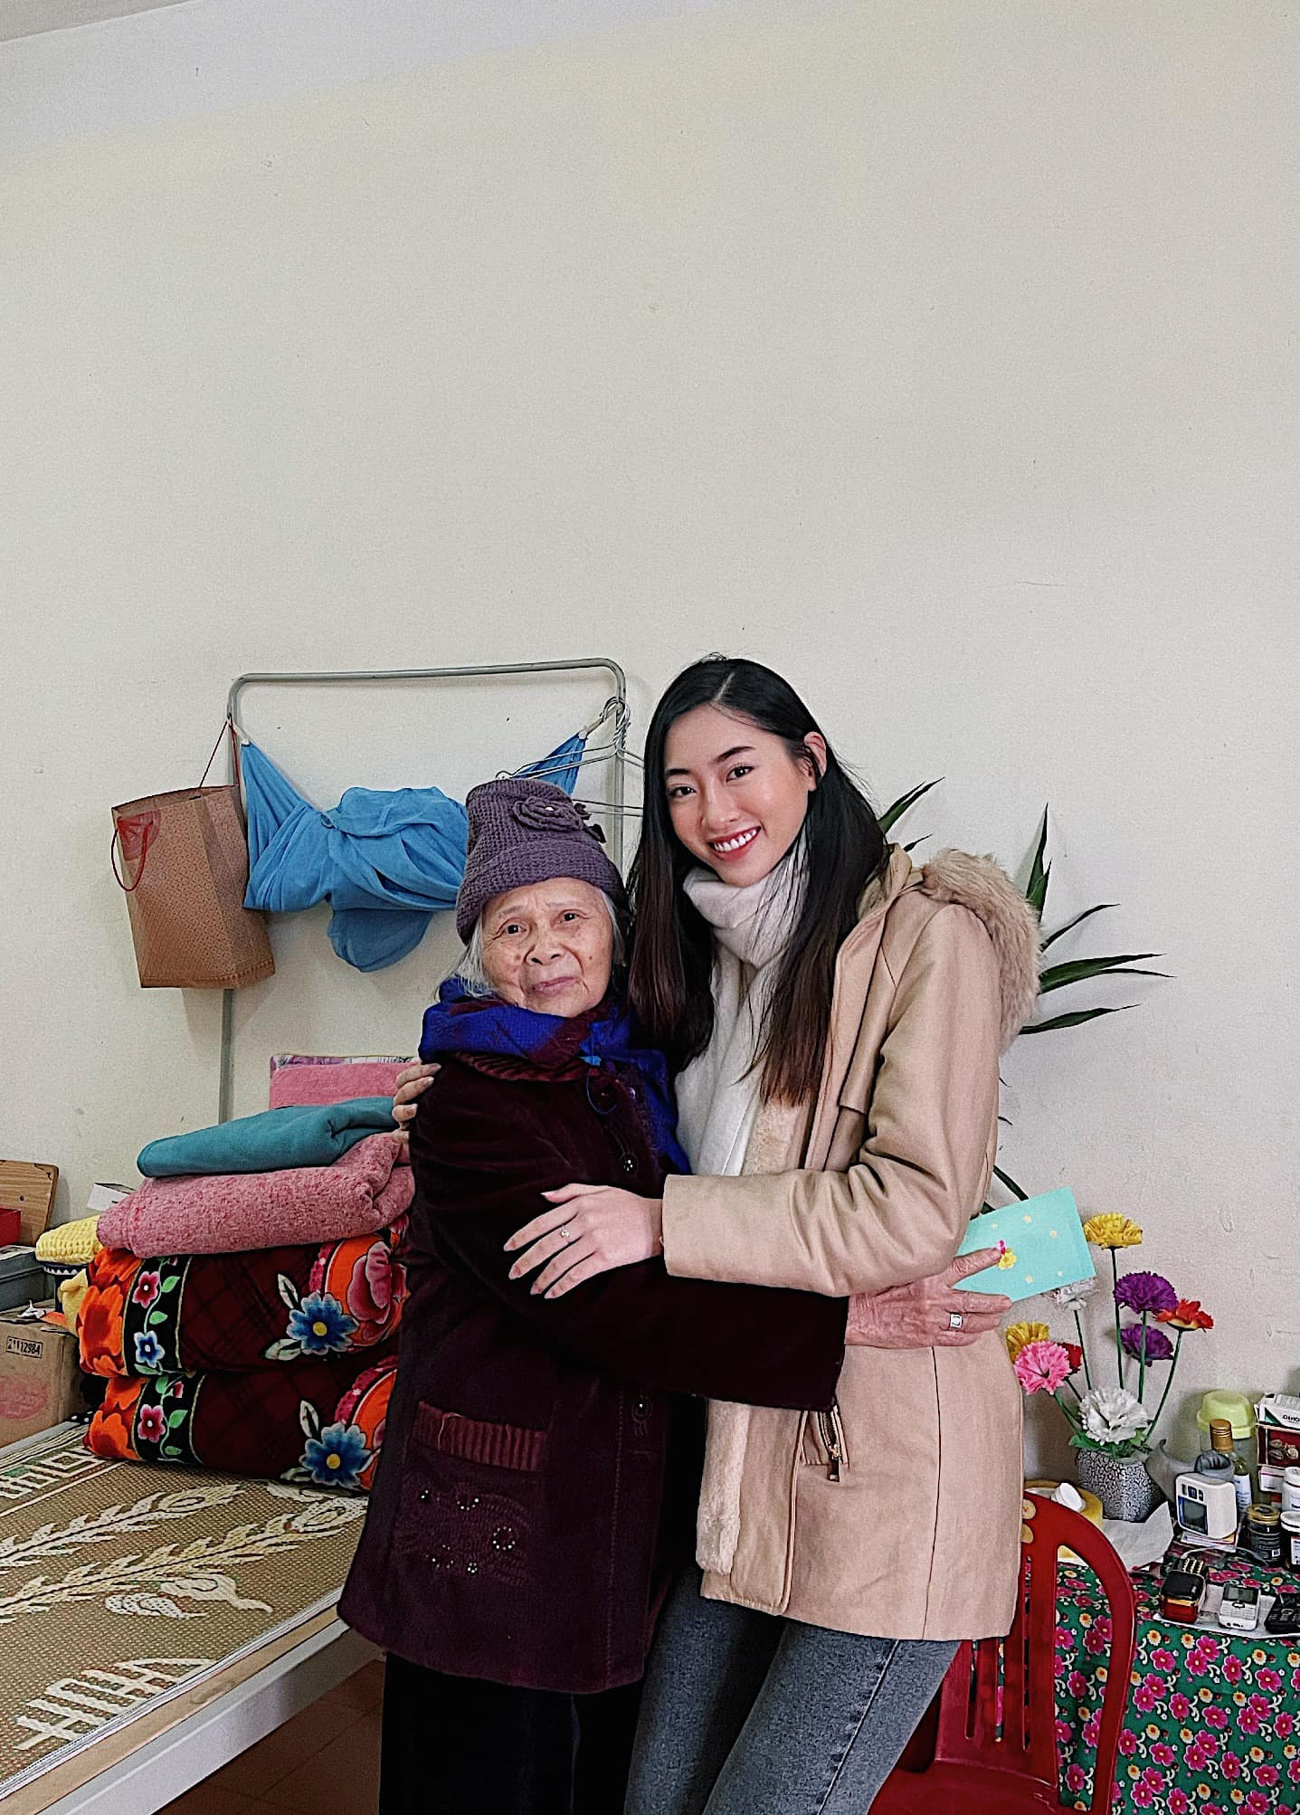 Đỗ Thị Hà, Lương Thuỳ Linh mặc giản dị vẫn đẹp rạng rỡ trong chuyến từ thiện cuối cùng của năm ảnh 8